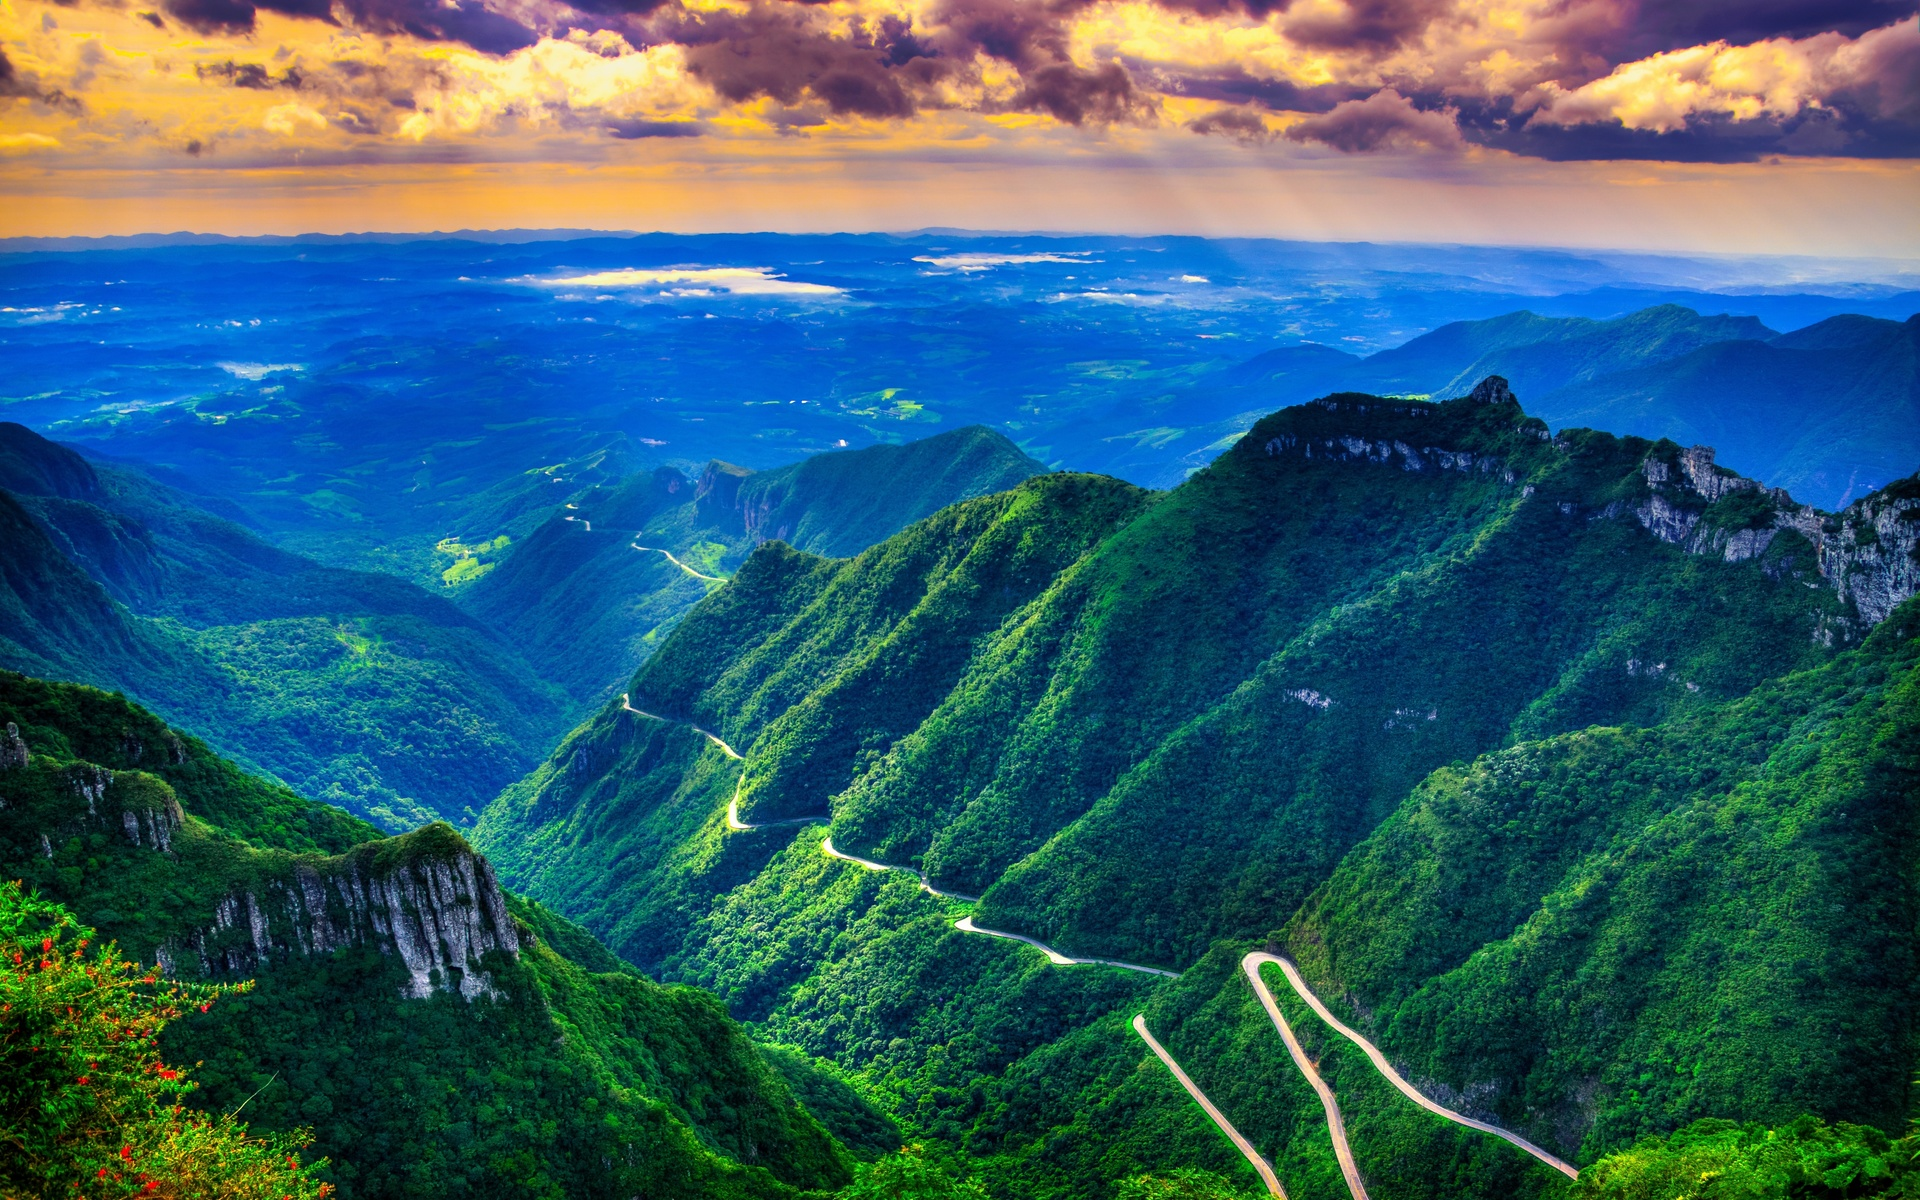 серра-ду-риу-ду-растро в санта-катарина, бразилия, горы, дорога, тропа, природа, пейзаж